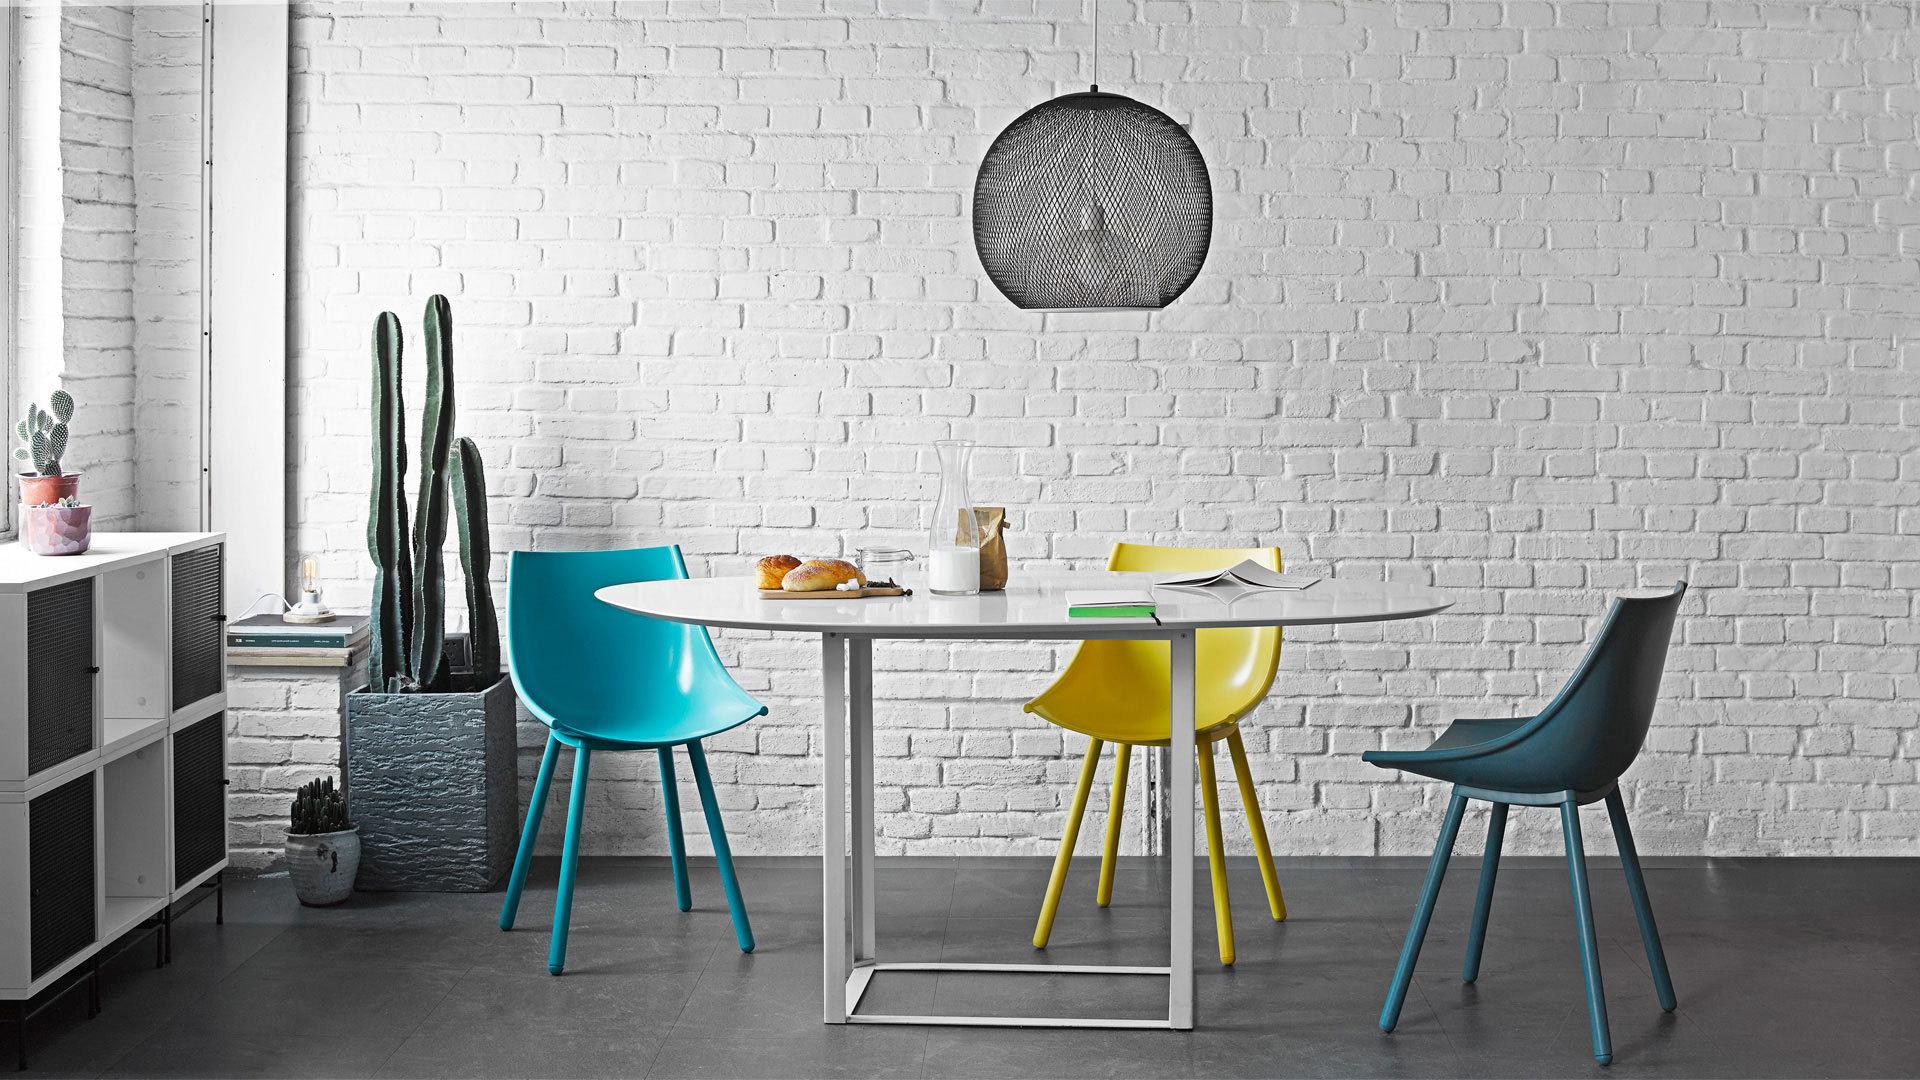 打破局限,透亮不死板的质感餐椅